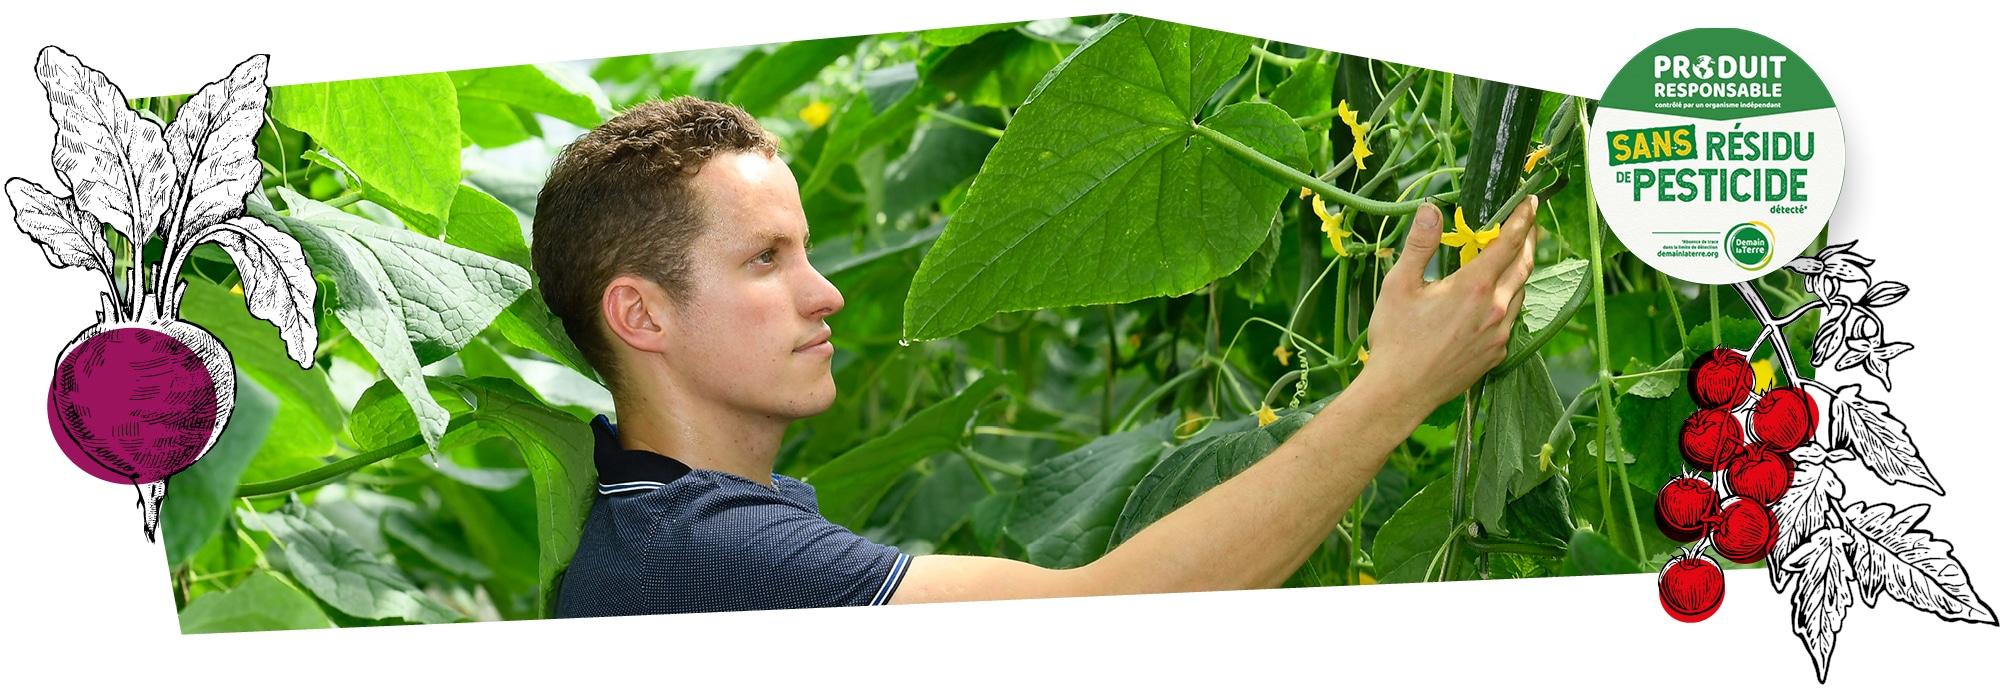 Un producteur en train de cueillir des concombres dans la serre, accompagné du logo du label Sans résidu de pesticide superposé sur l'image.